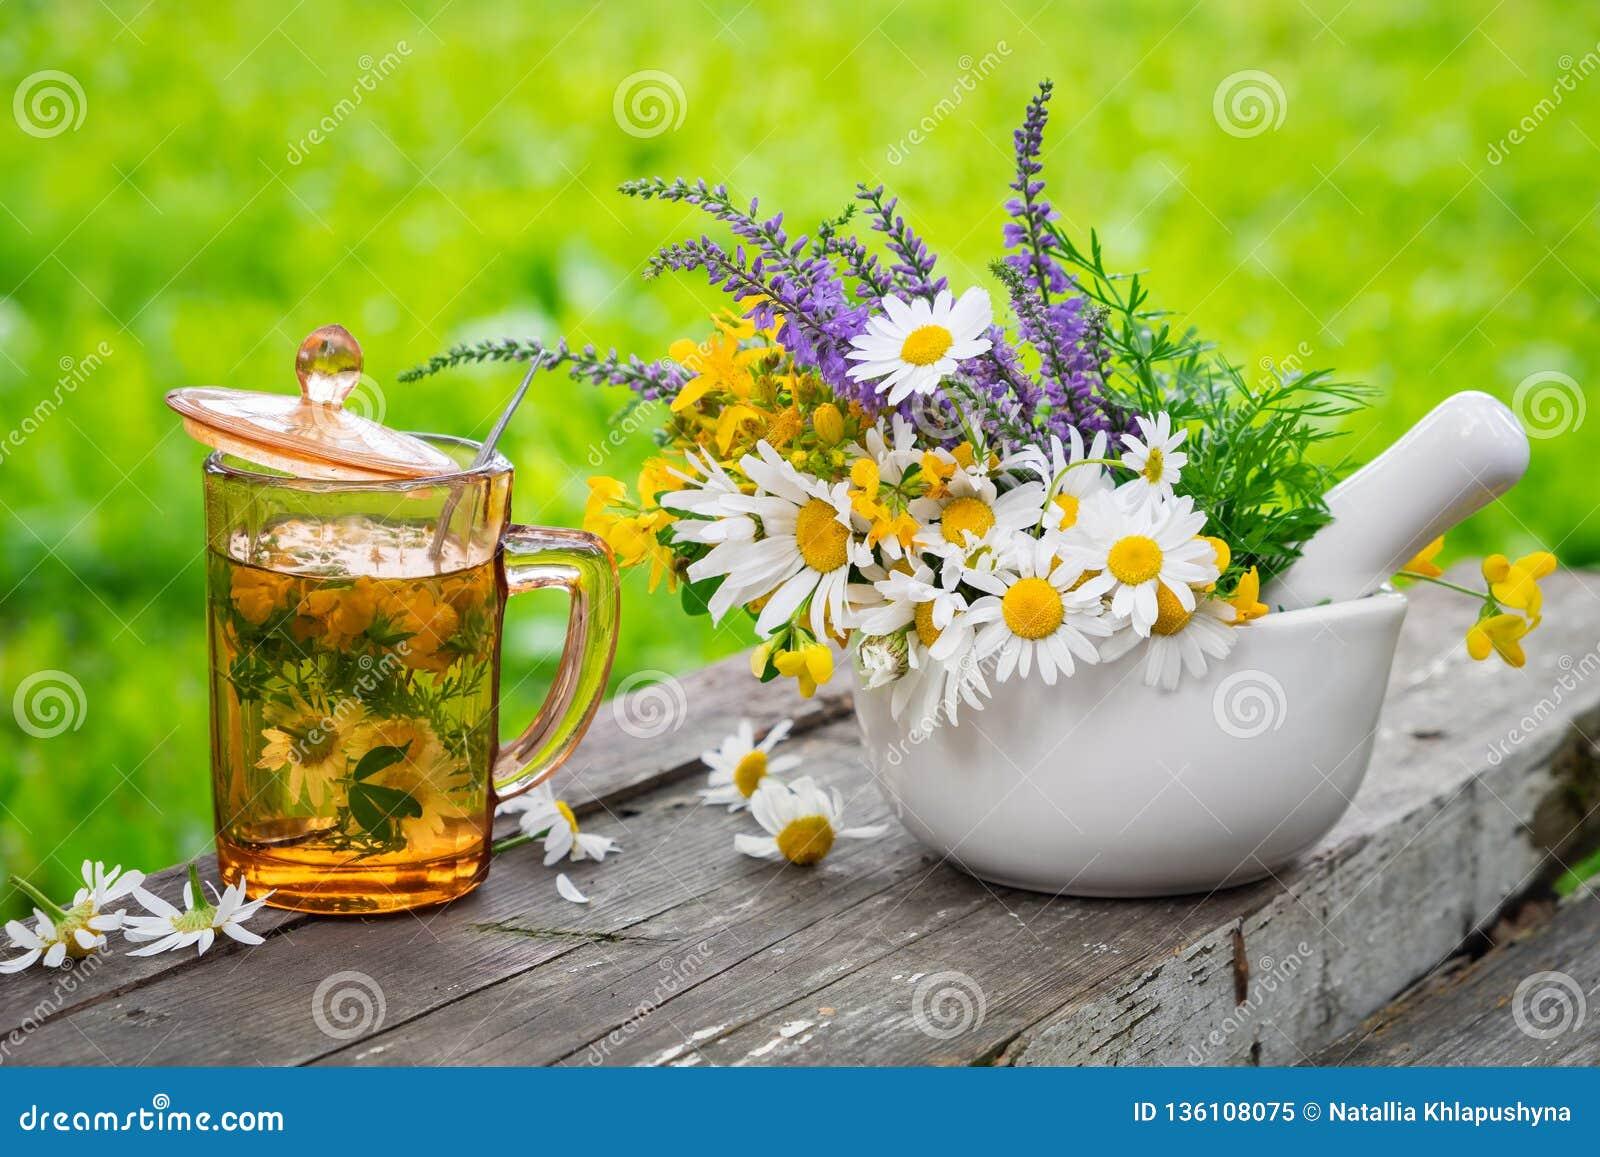 Taza de infusión de hierbas sana, mortero de hierbas medicinales en el tablero de madera